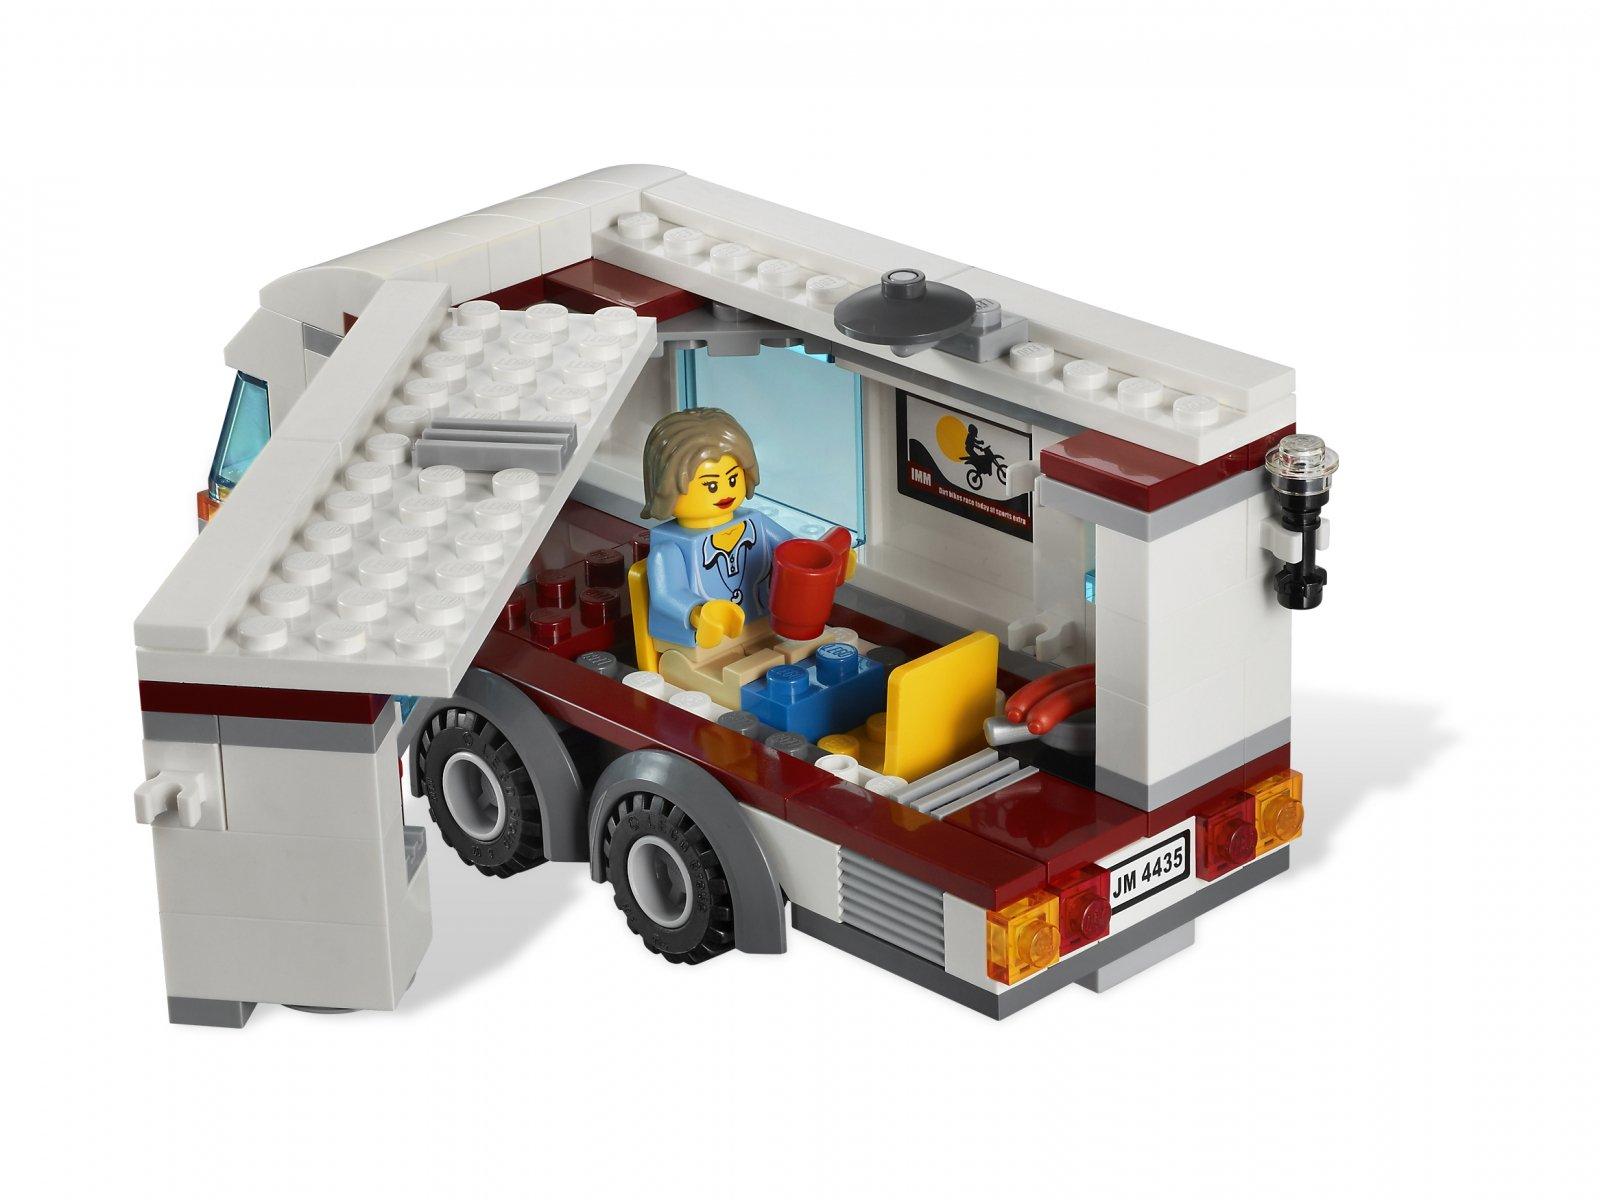 Lego 4435 City Samochód Z Przyczepą Kempingową